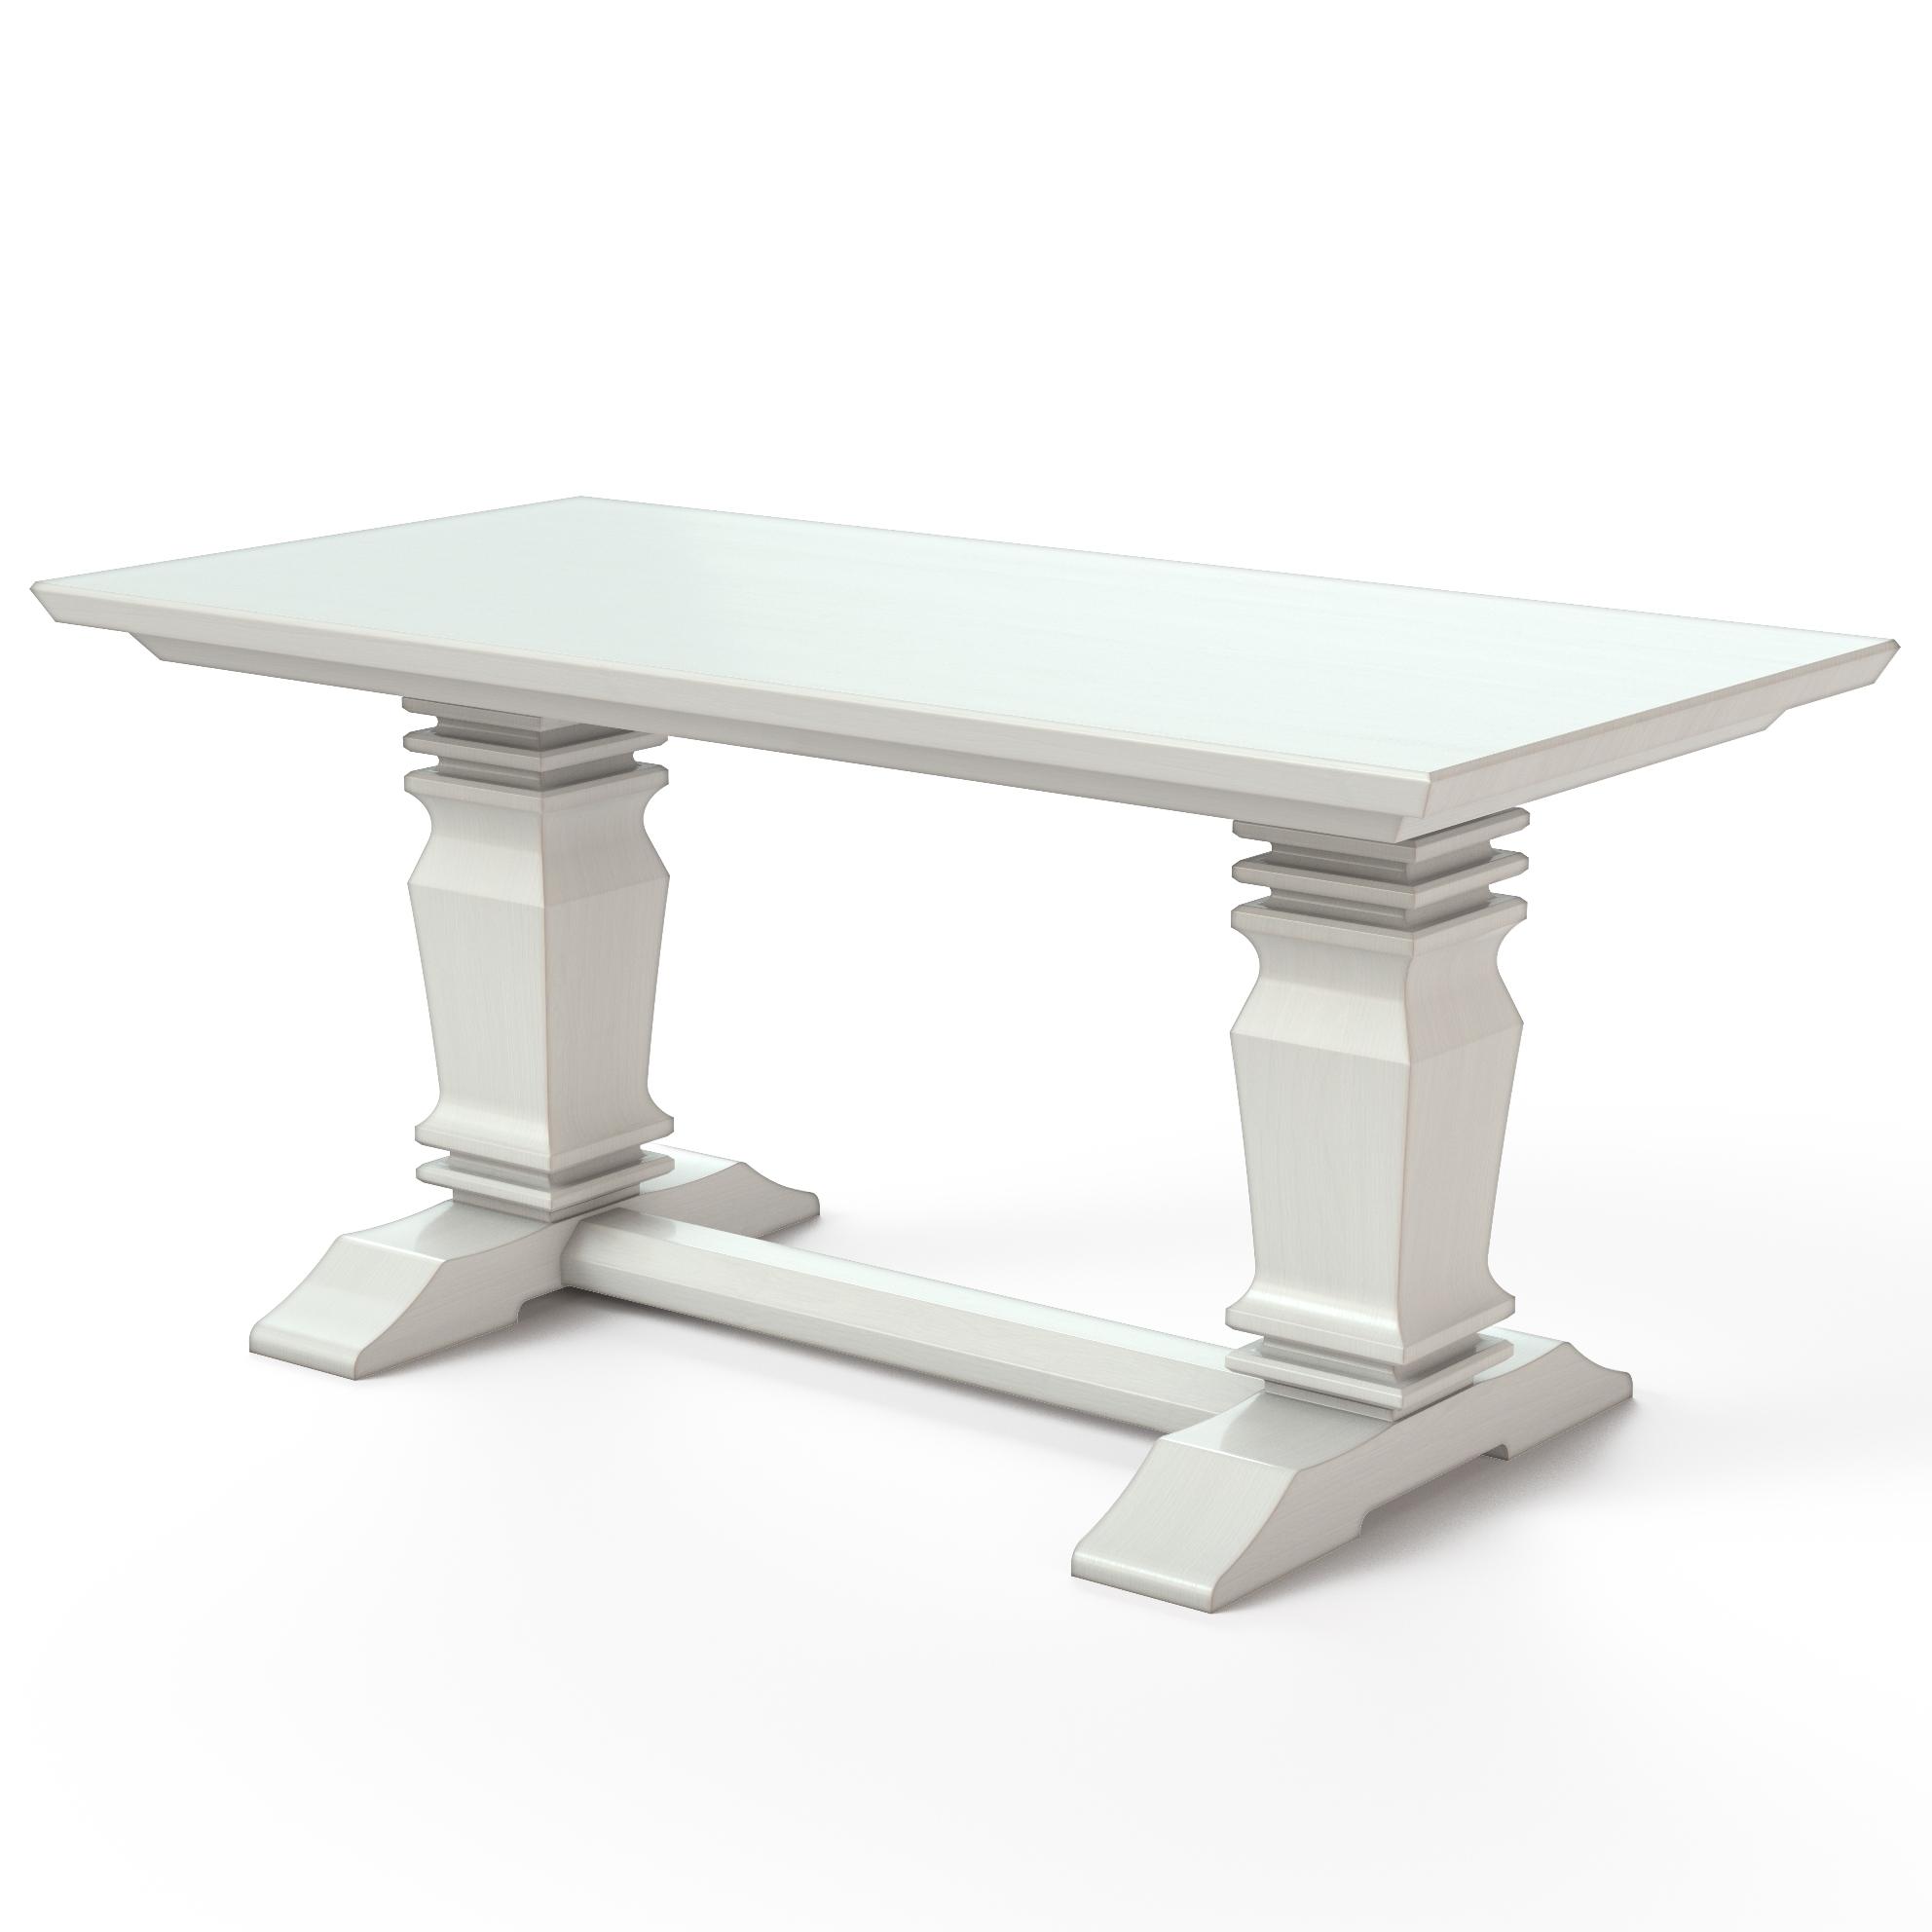 Стол БахчисарайСтолы и столики для сада<br>Изделие из натуральной древесины.<br><br>Material: Дерево<br>Ширина см: 160<br>Высота см: 78<br>Глубина см: 77